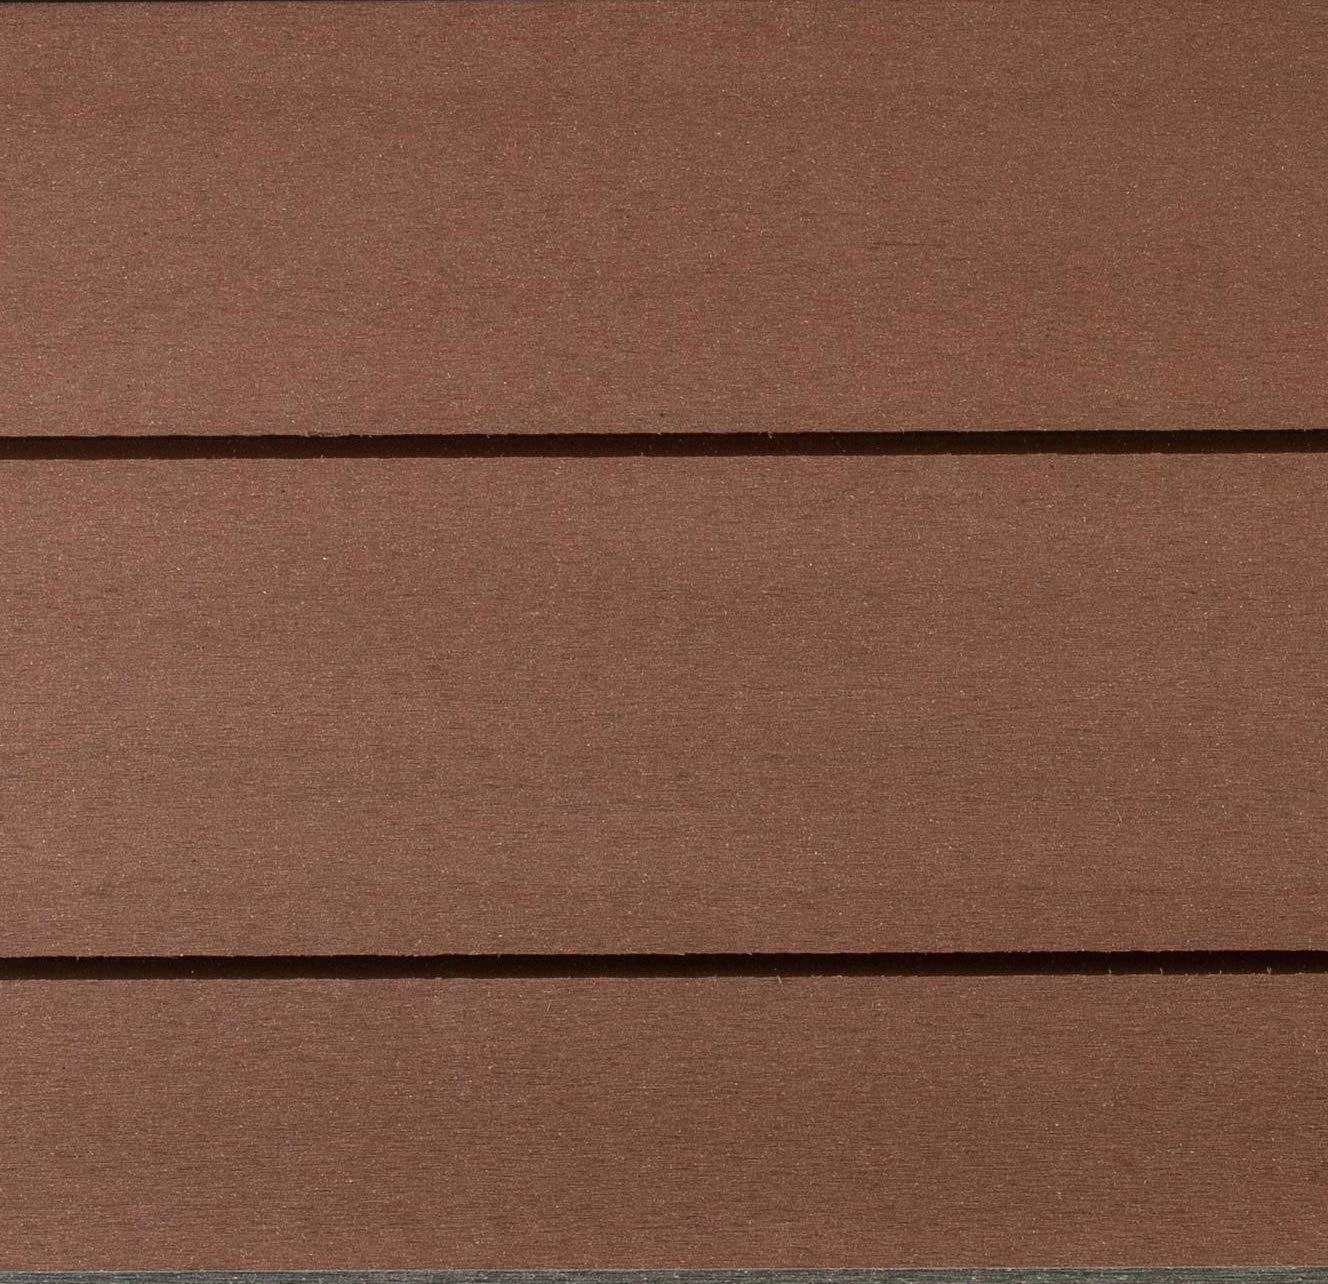 Keter - Caseta de jardín exterior Fusion 7, 5x4, Color marrón: Amazon.es: Jardín